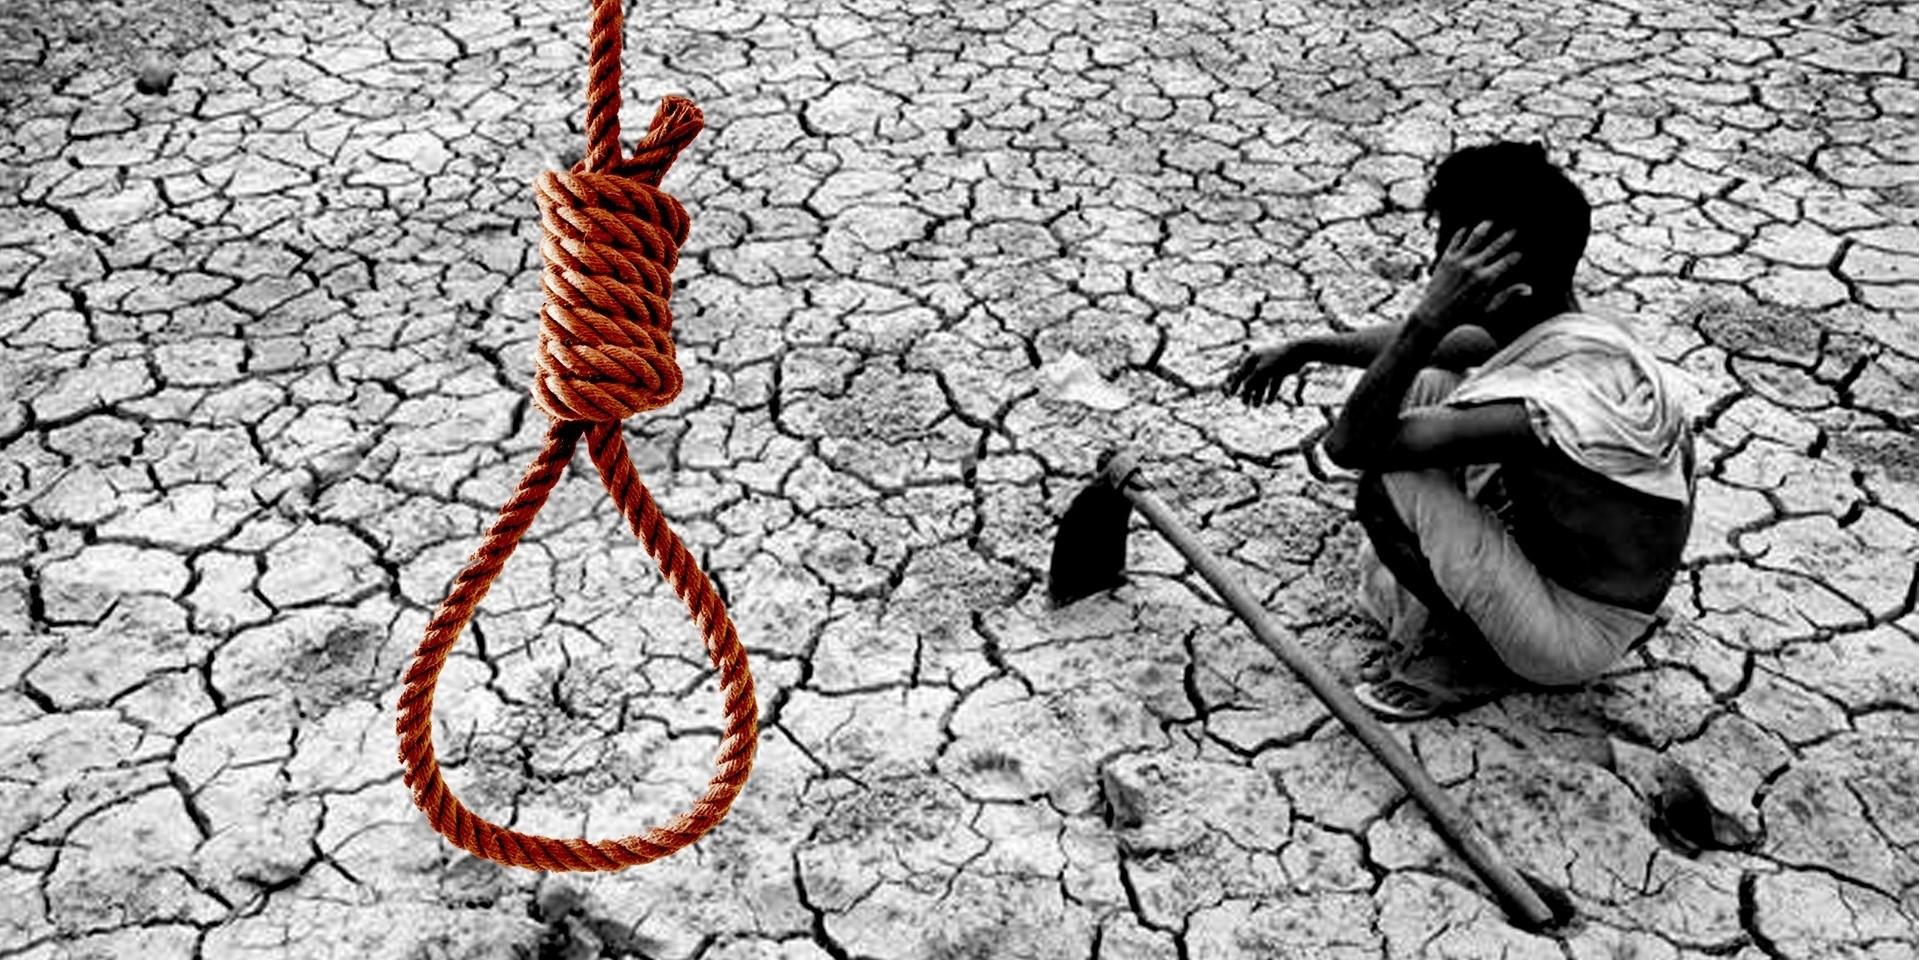 एकीकडे शेतकऱ्यांच्या आत्महत्या, दुसरीकडे लोकशाहीची हत्या